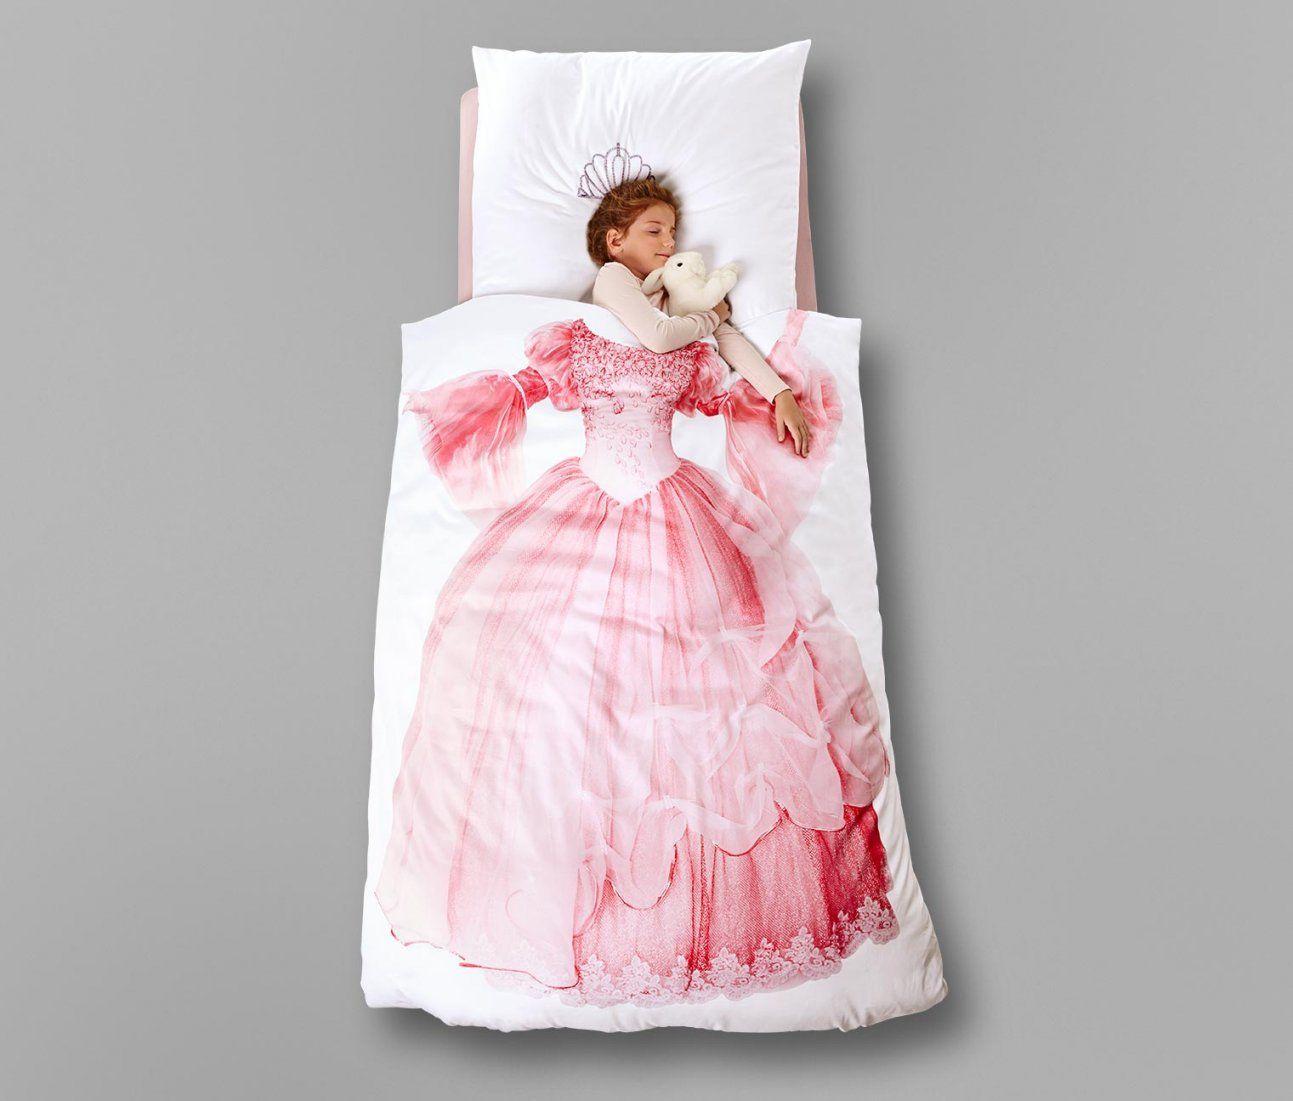 Satinbettwäsche Prinzessin Online Bestellen Bei Tchibo 310567 von Bettwäsche Prinzessin Kleid Bild